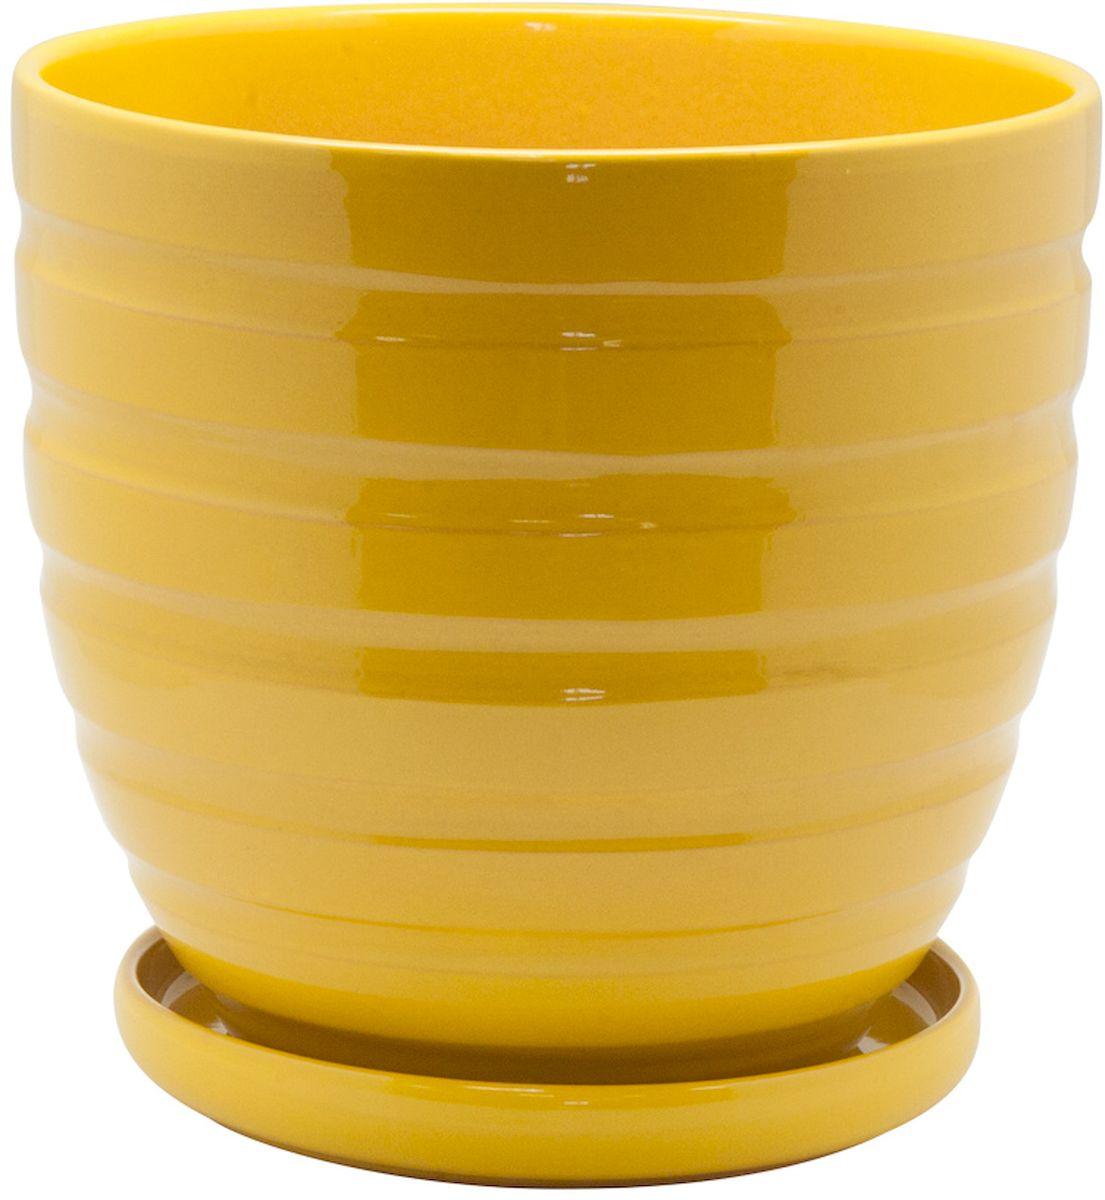 Горшок цветочный Engard, с поддоном, цвет: желтый, 4,7 лK100Керамический горшок - это идеальное решение для выращивания комнатных растений и создания изысканности в интерьере. Керамический горшок сделан из высококачественной глины в классической форме и оригинальном дизайне.